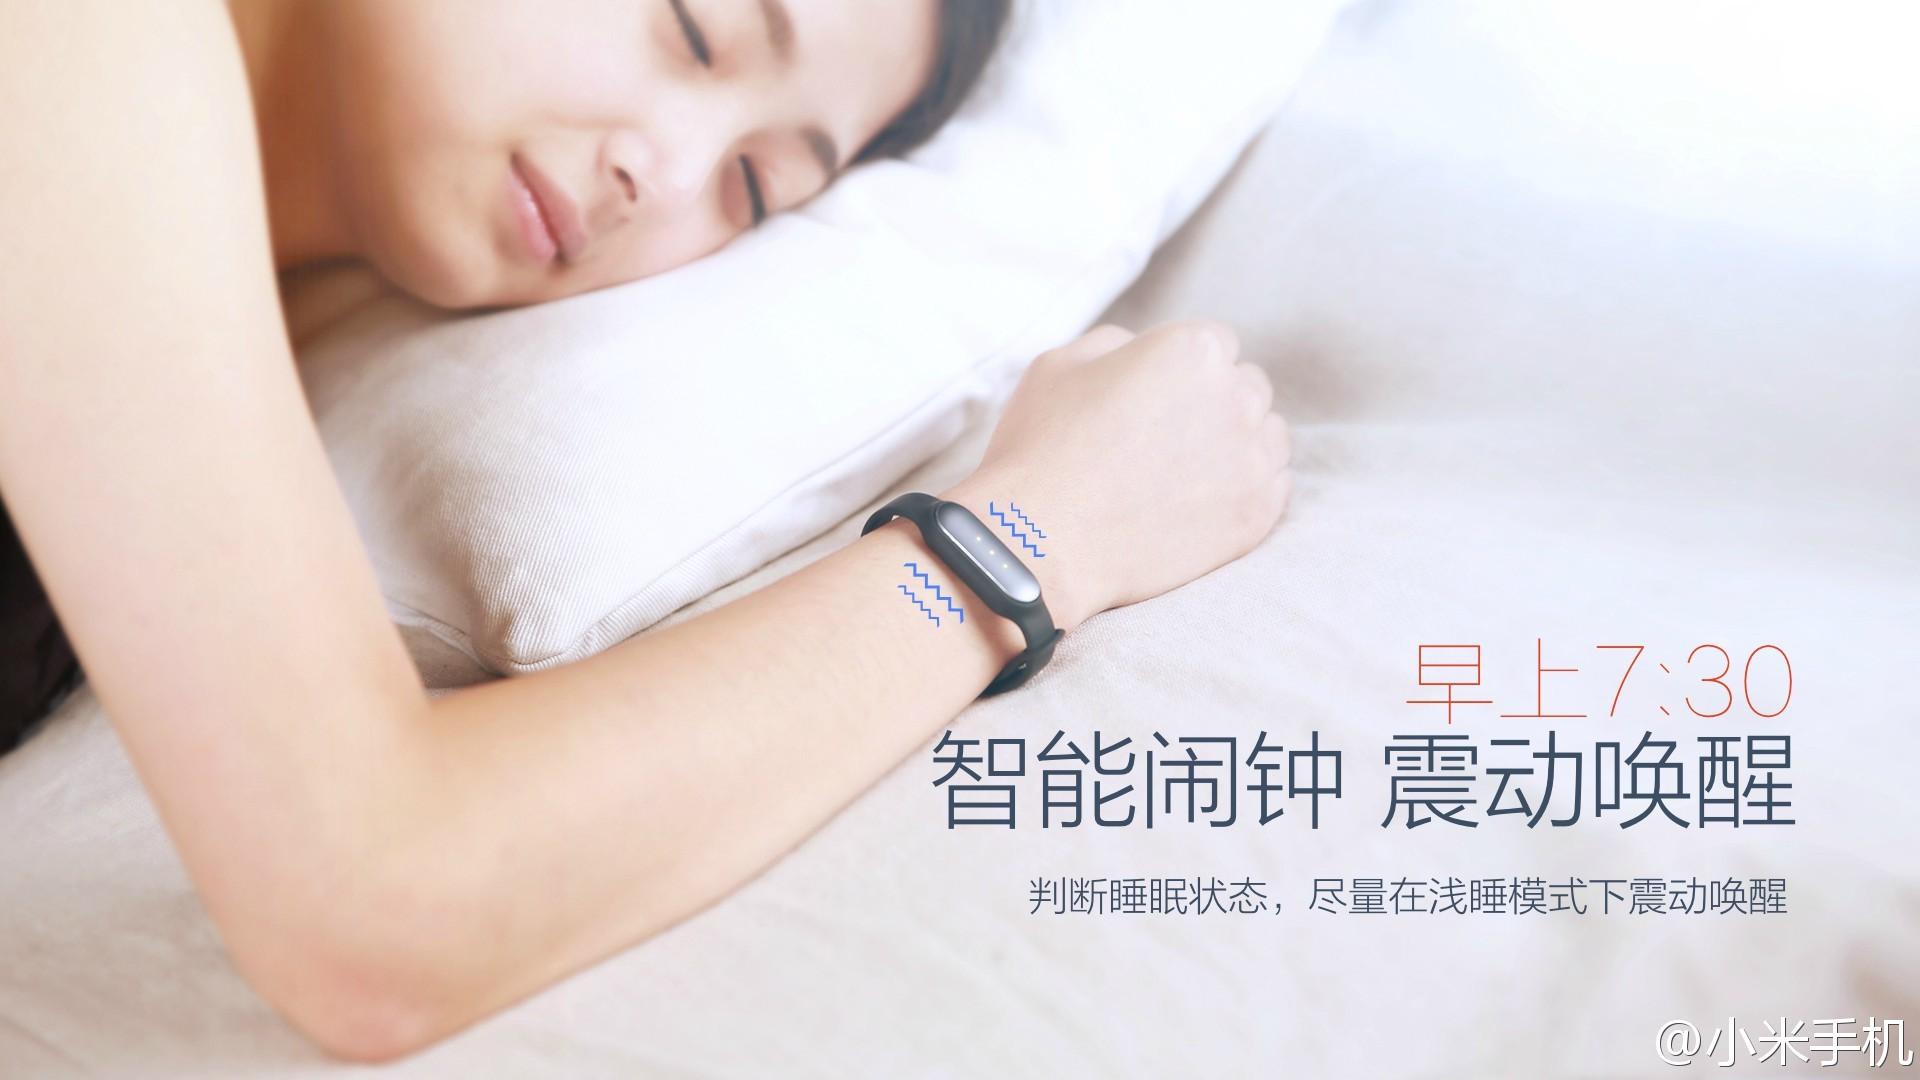 小米手环-智能闹钟 震动唤醒